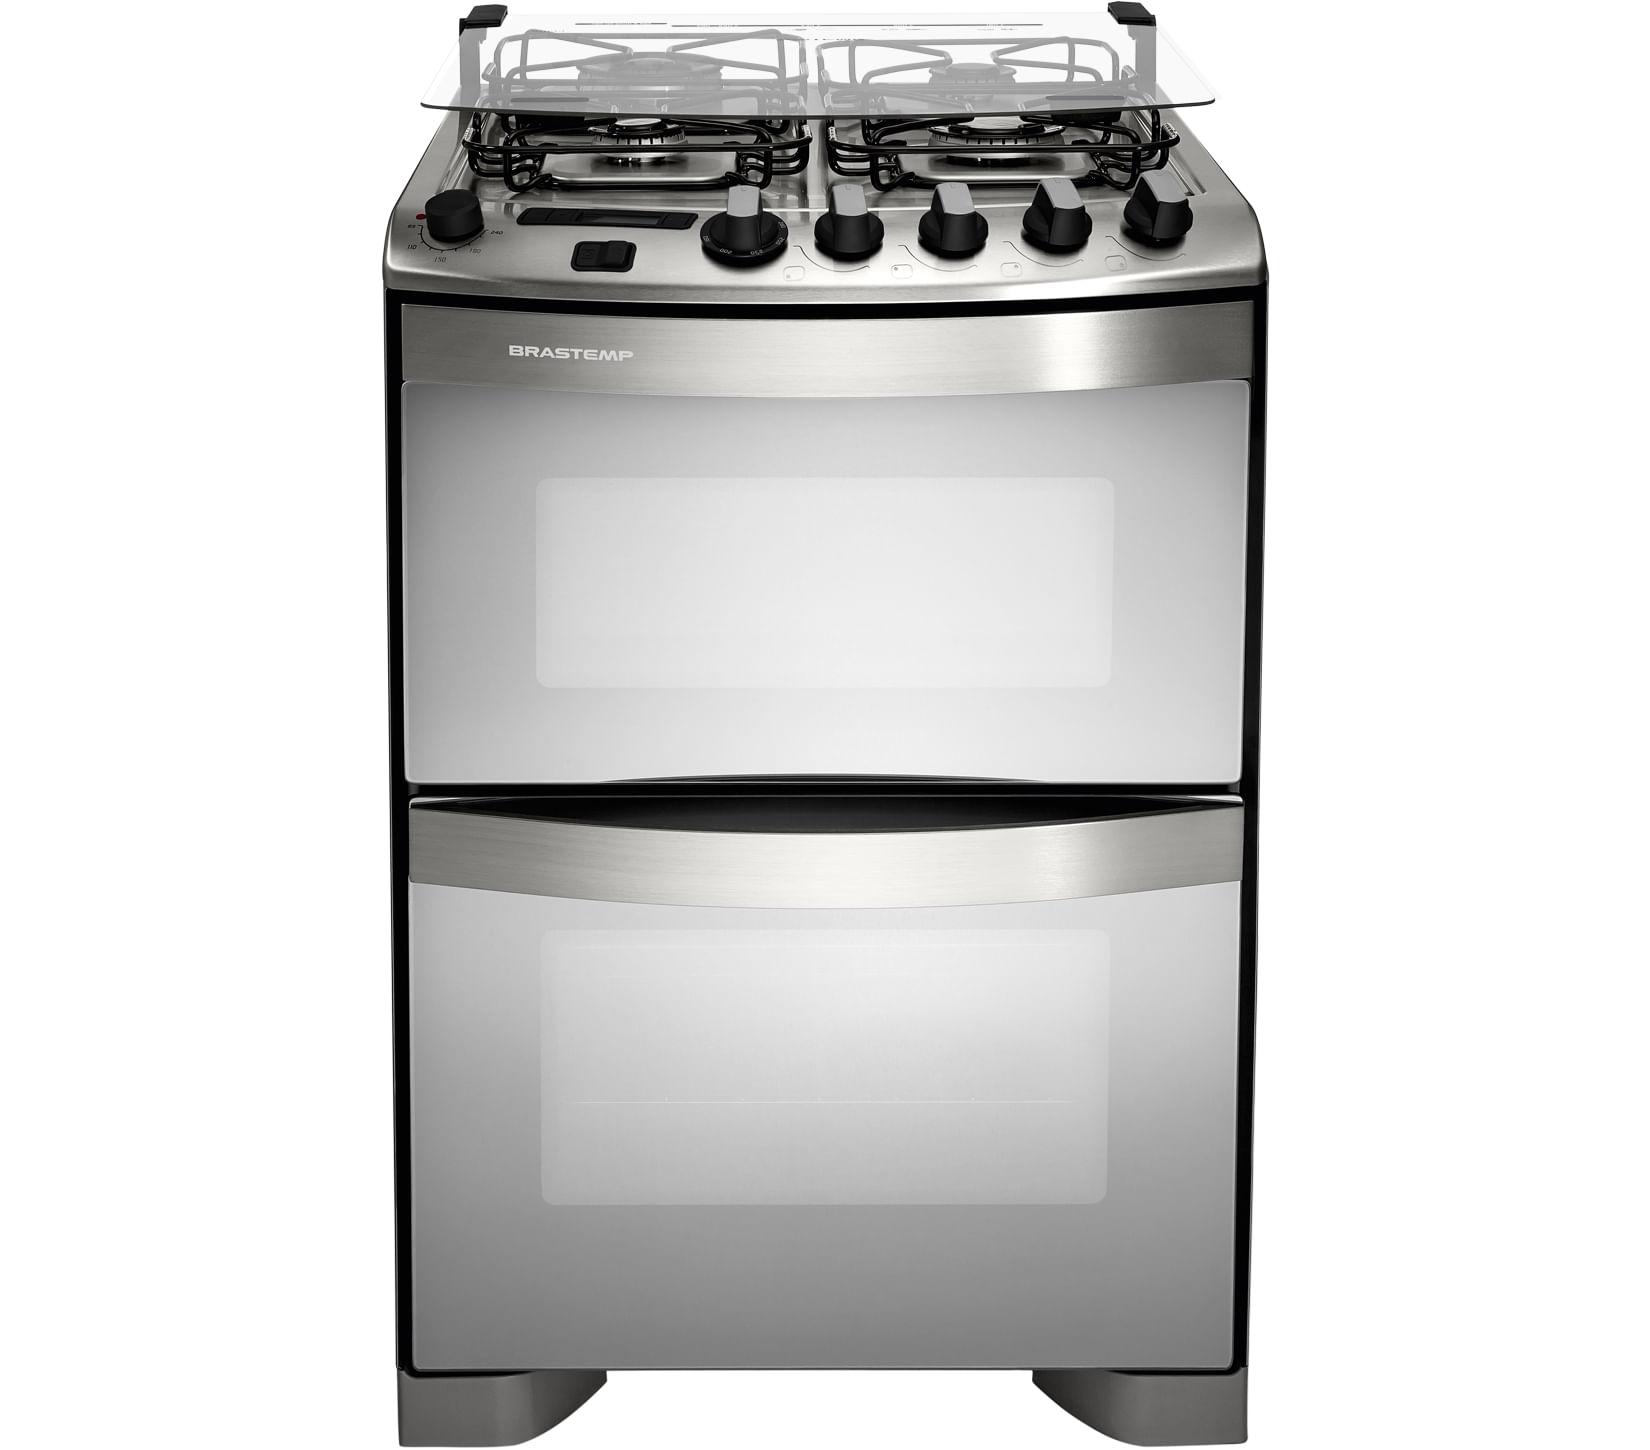 Fogão Brastemp 4 bocas duplo forno cor Inox com dupla chama e timer digital